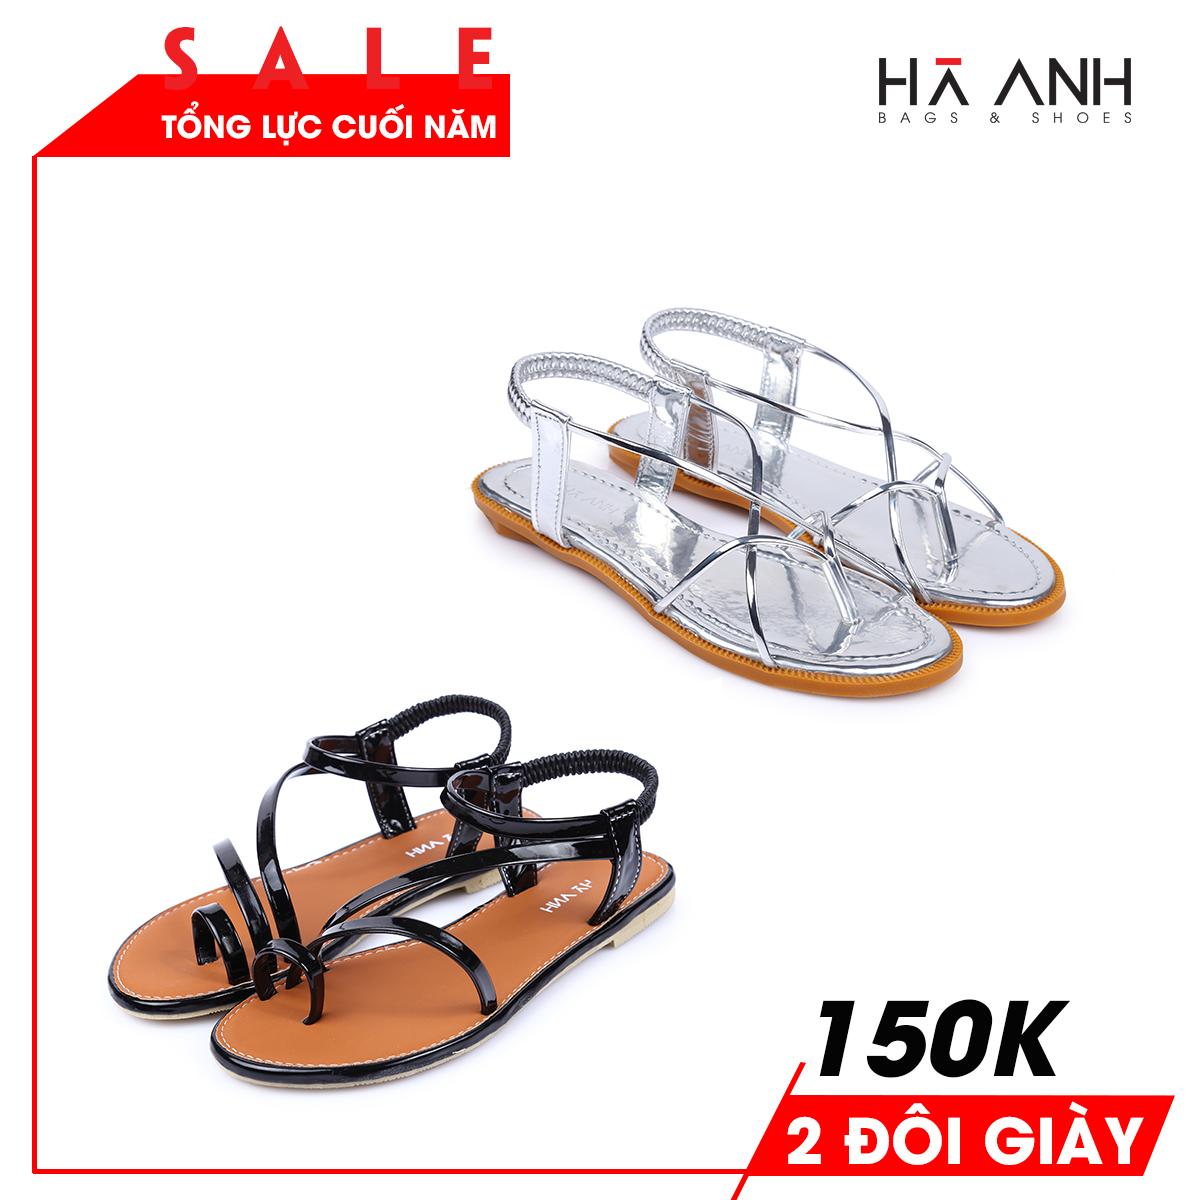 Đặc biệt, sở hữu liền tay 2 đôi giày giá CHỈ CÒN 150K.